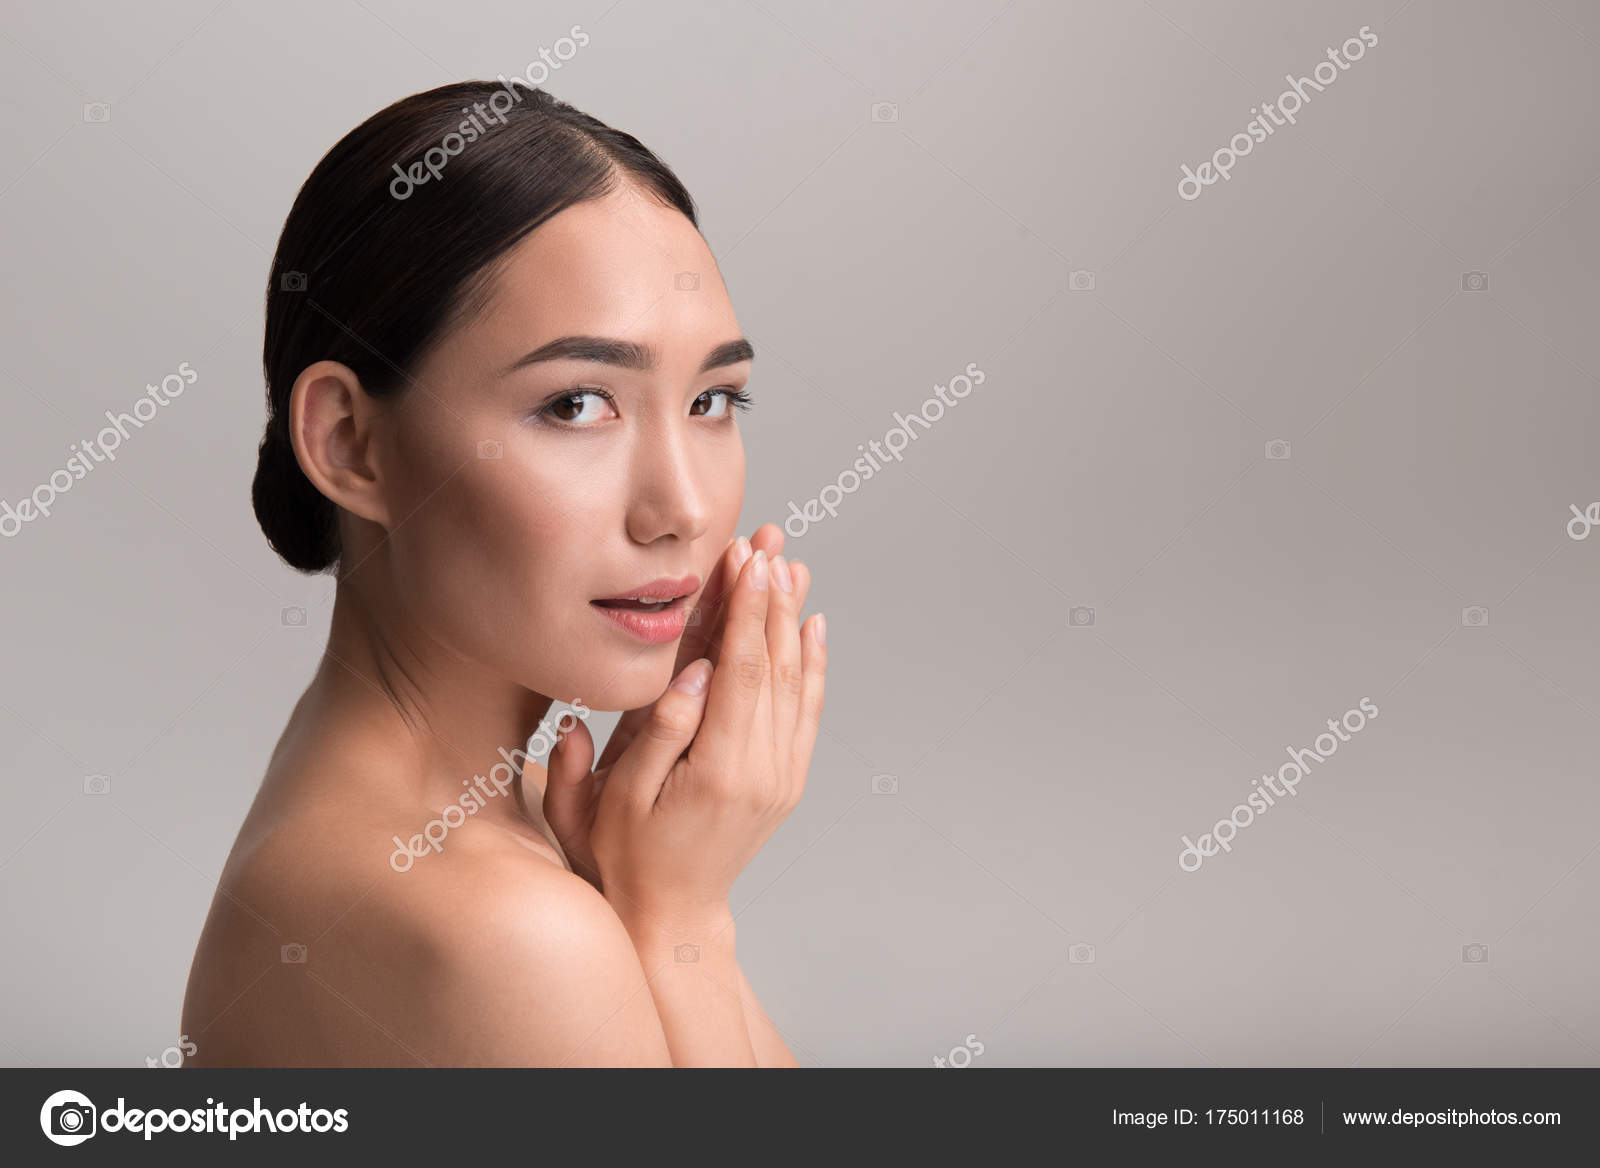 ασιατικό γυμνό σεξ εικόνες